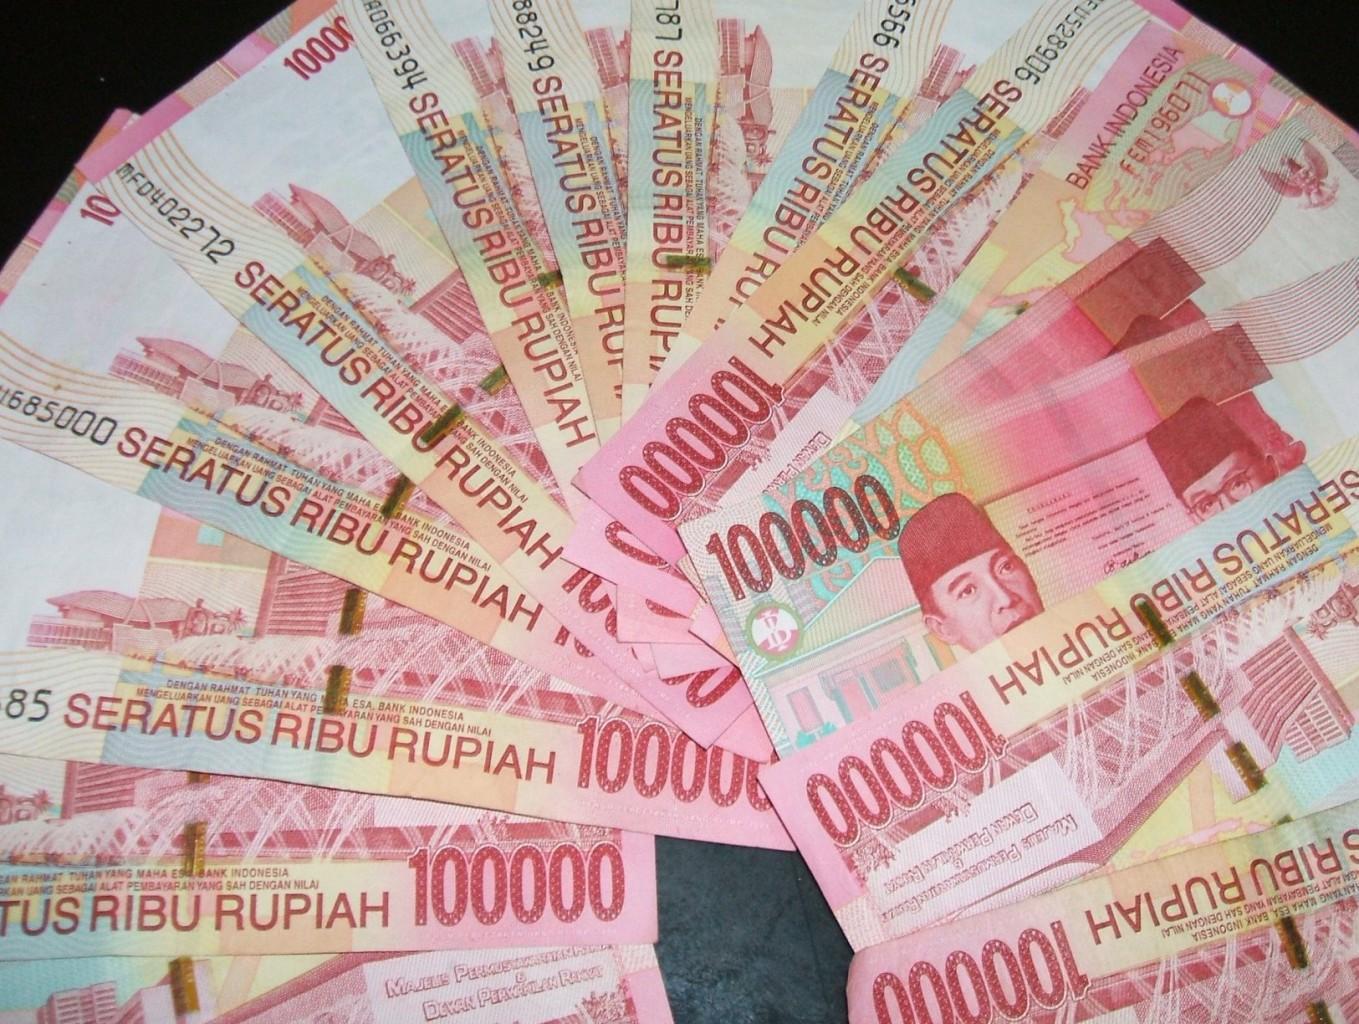 uang-seratusan-ribu-rupiah